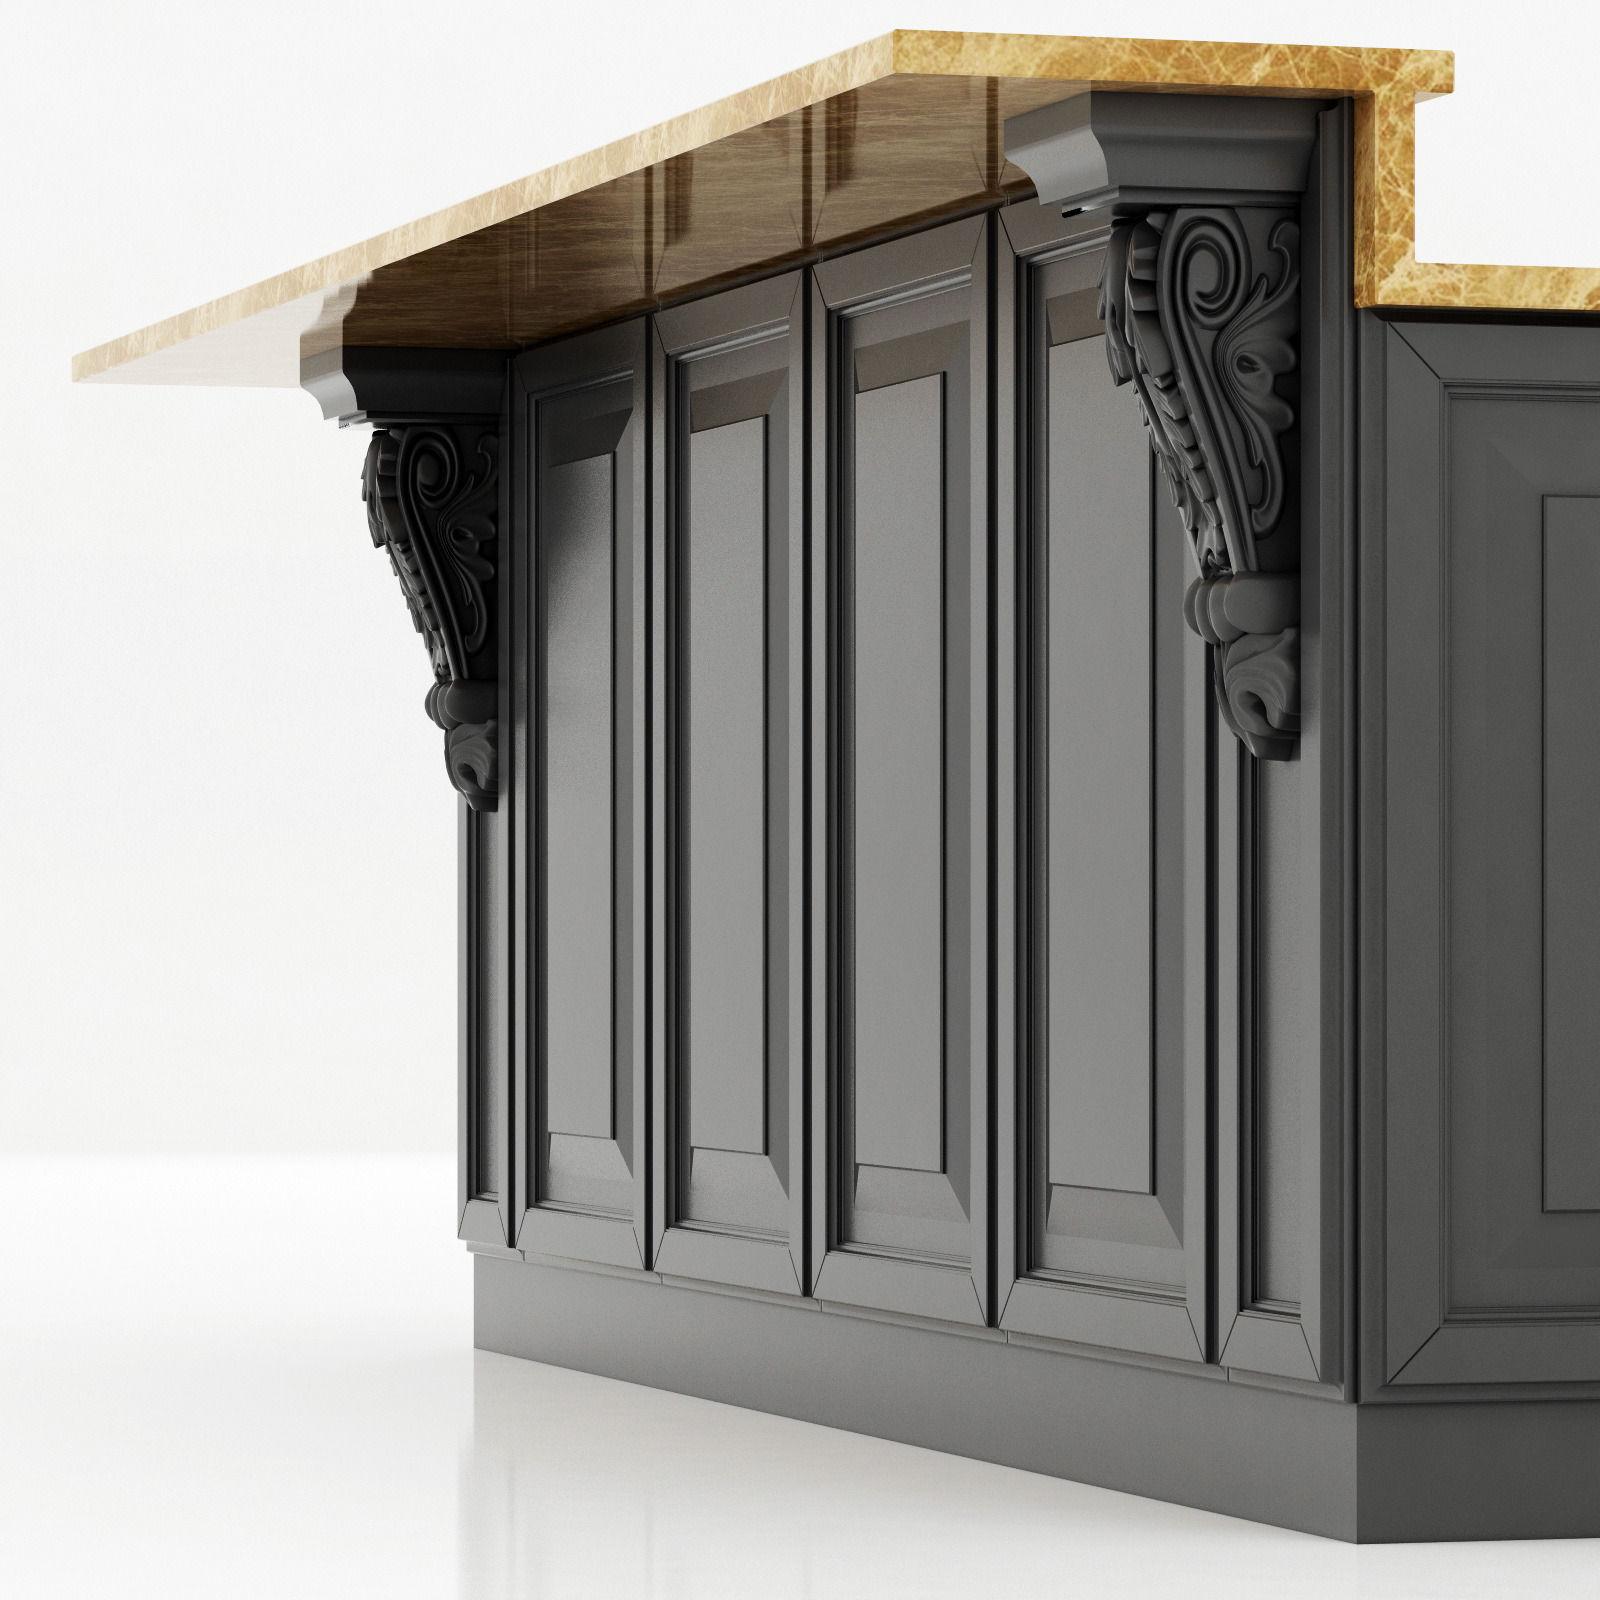 Kitchen island lyn design -  Kitchen Island Cabinet 2 3d Model Max Obj Fbx Mtl 3